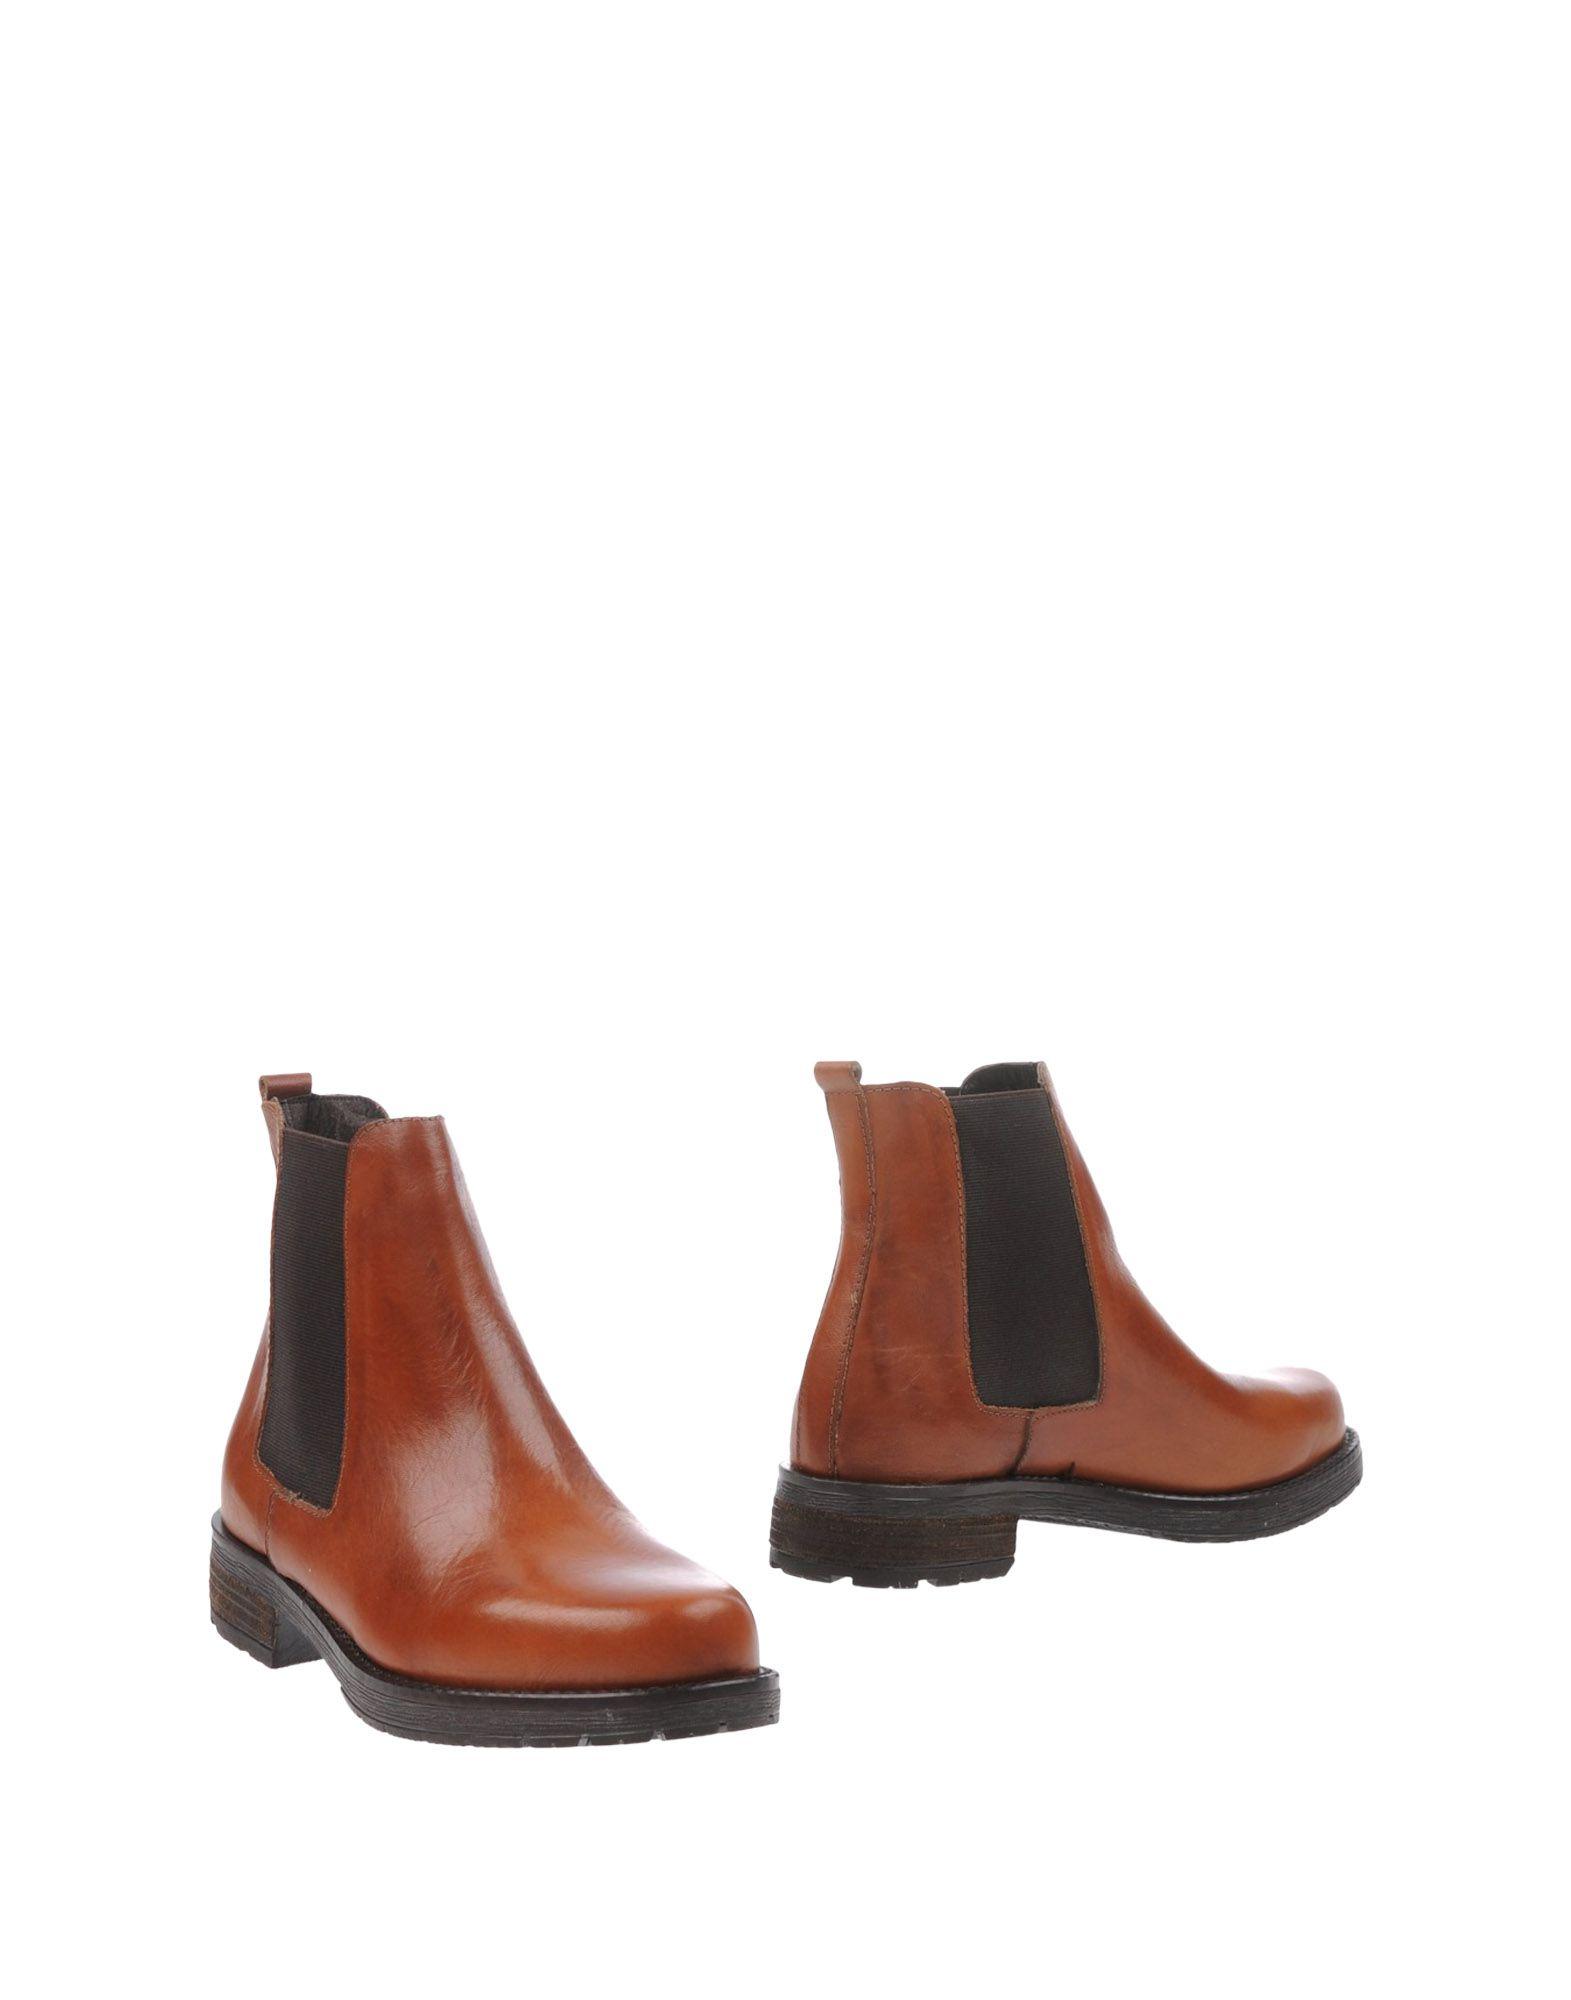 GIOSEPPO Полусапоги и высокие ботинки купить футбольную форму челси торрес